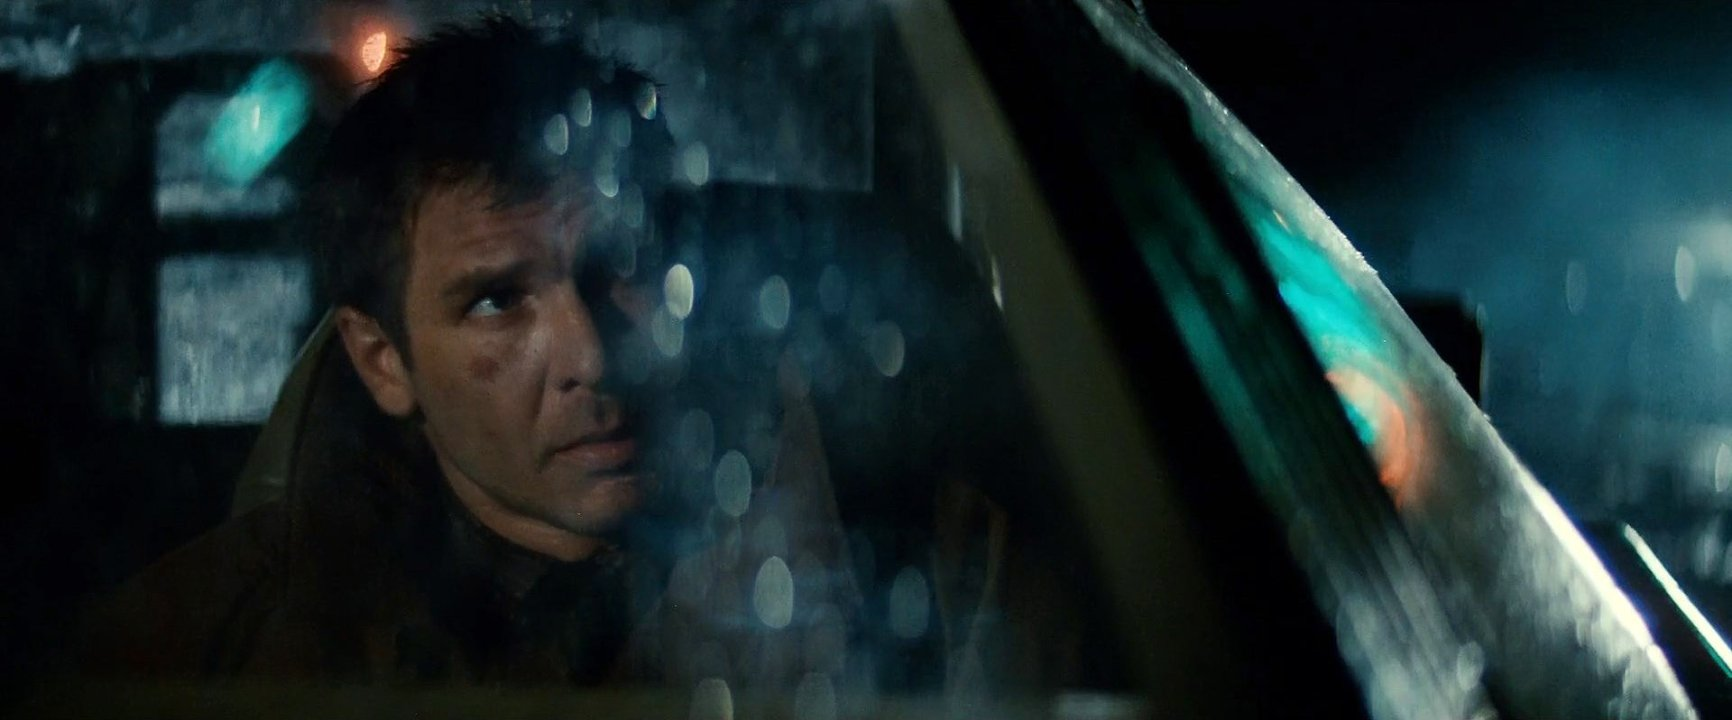 دانلود موسیقی متن فیلم سینمایی Blade Runne